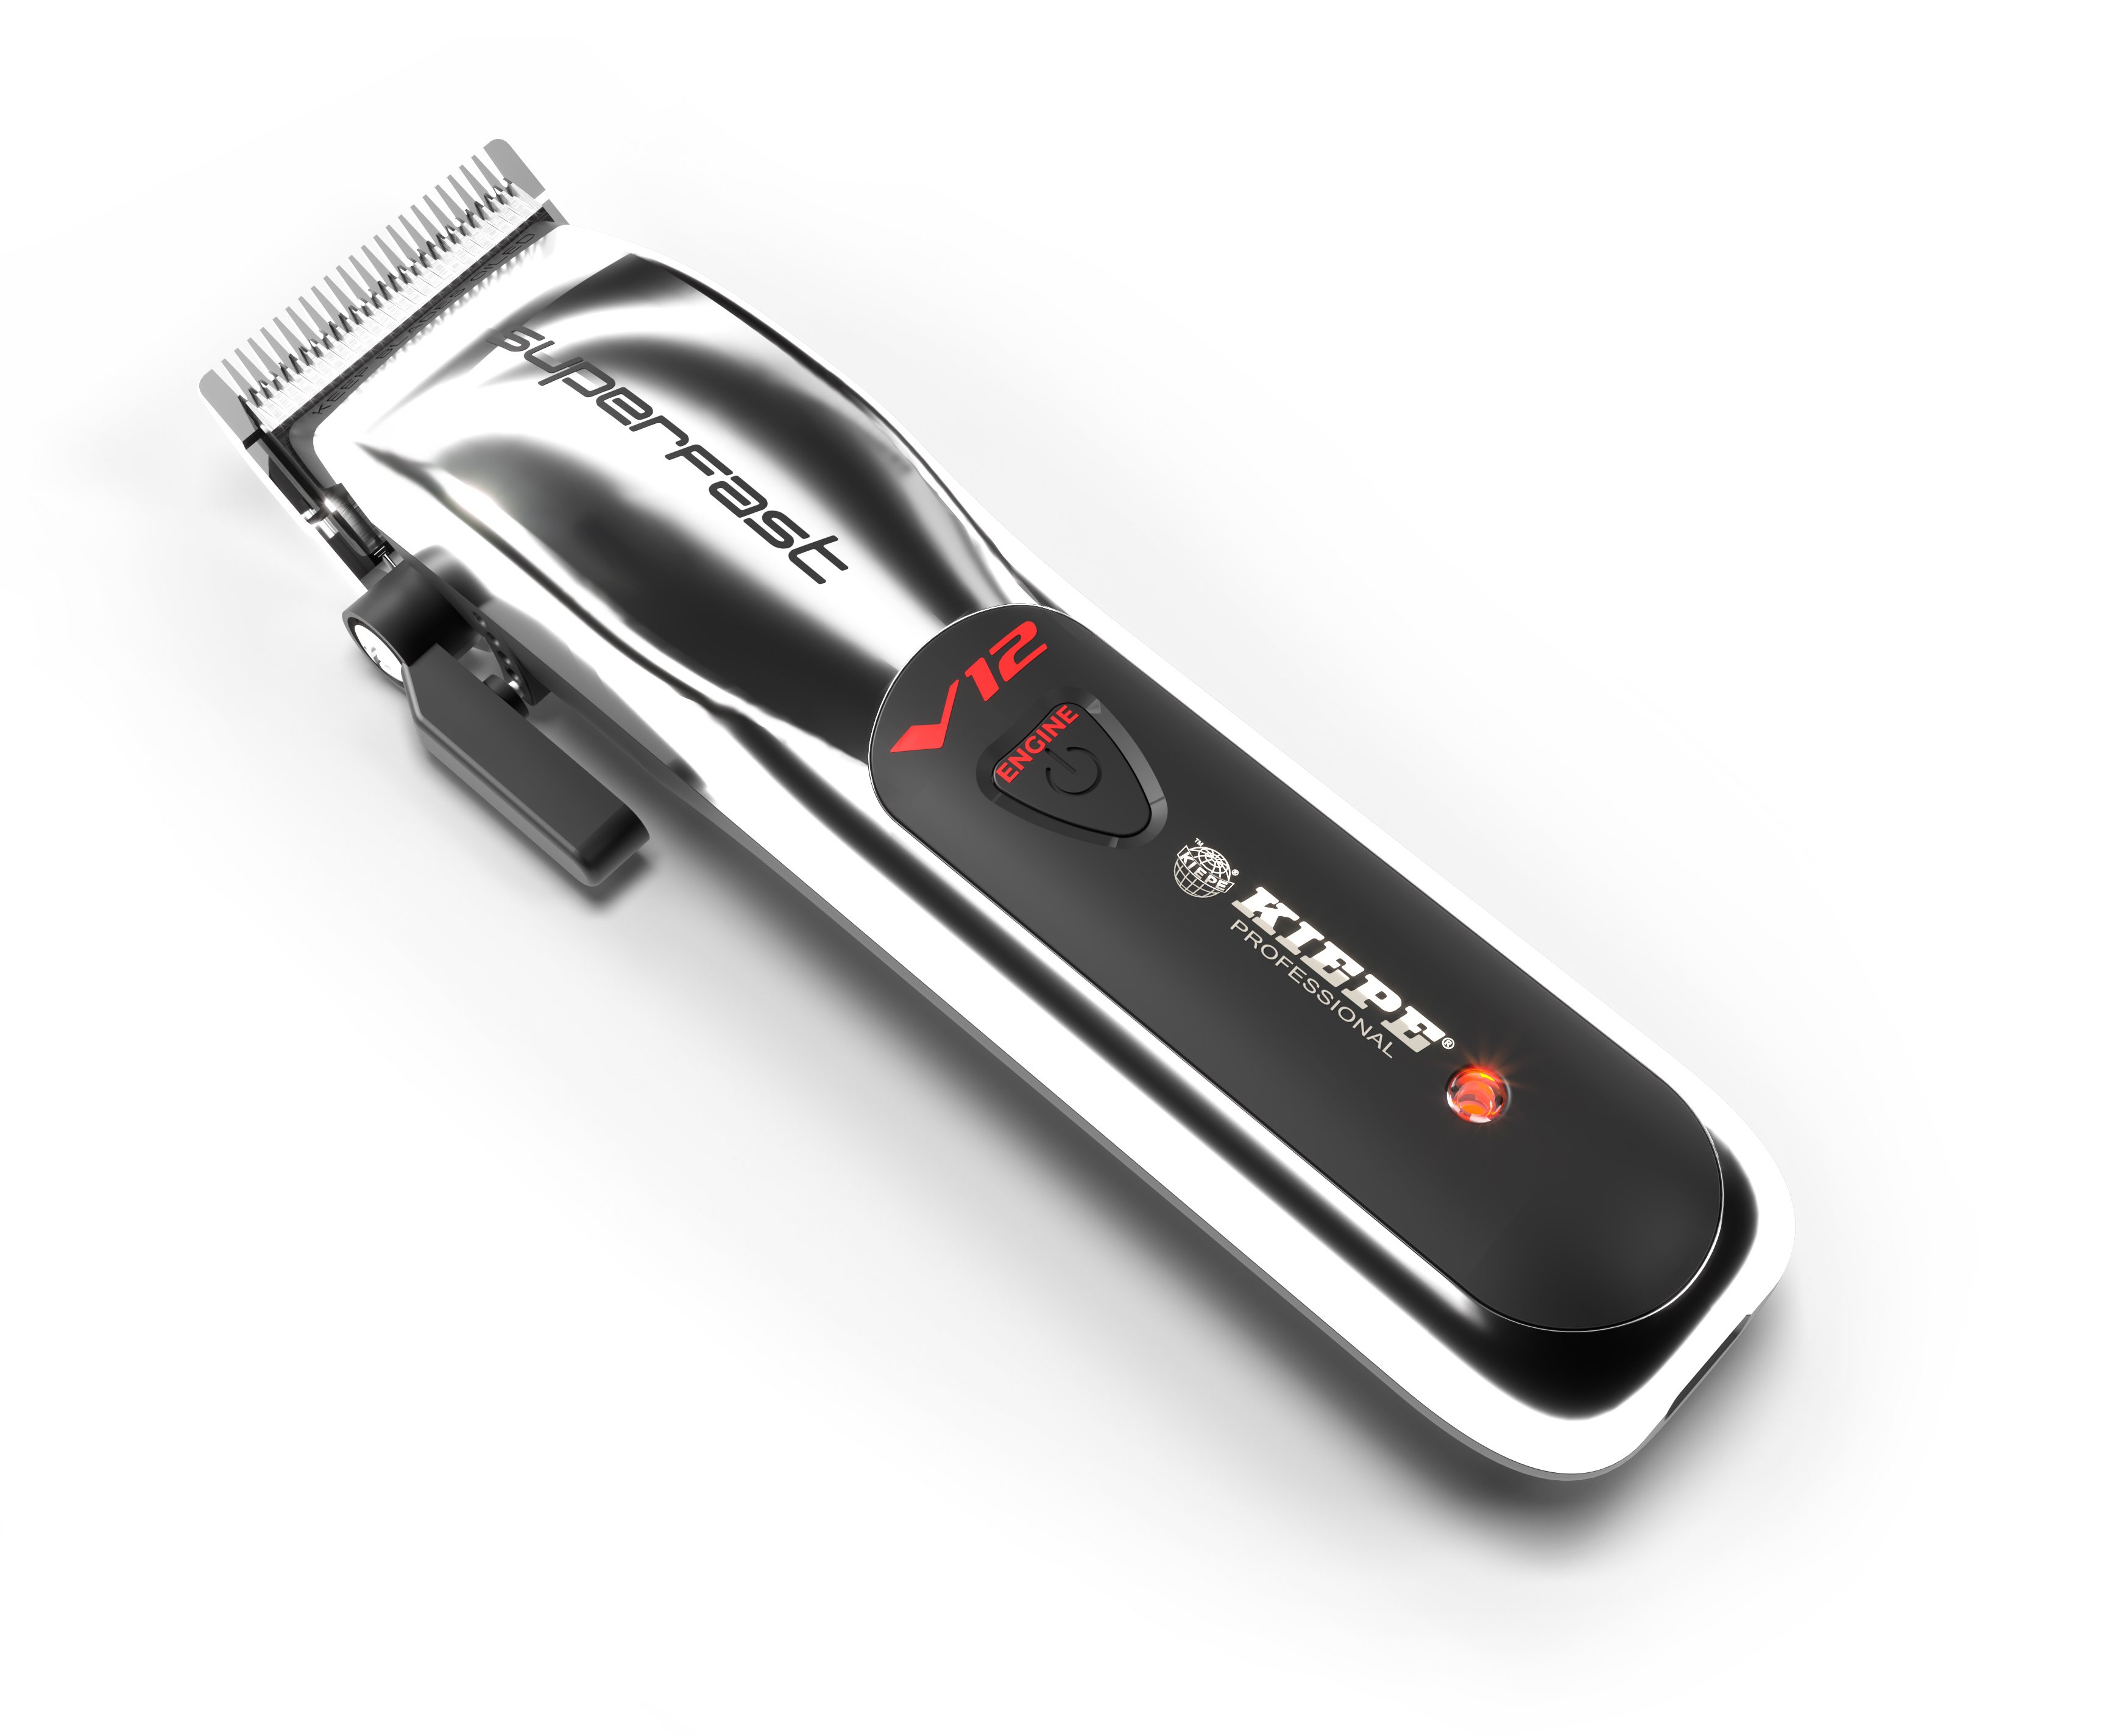 Kiepe V12 Superfast Clipper 6335  - profesionálny akumulátorový strojček + Gembird - stlačený vzduch, 400 ml